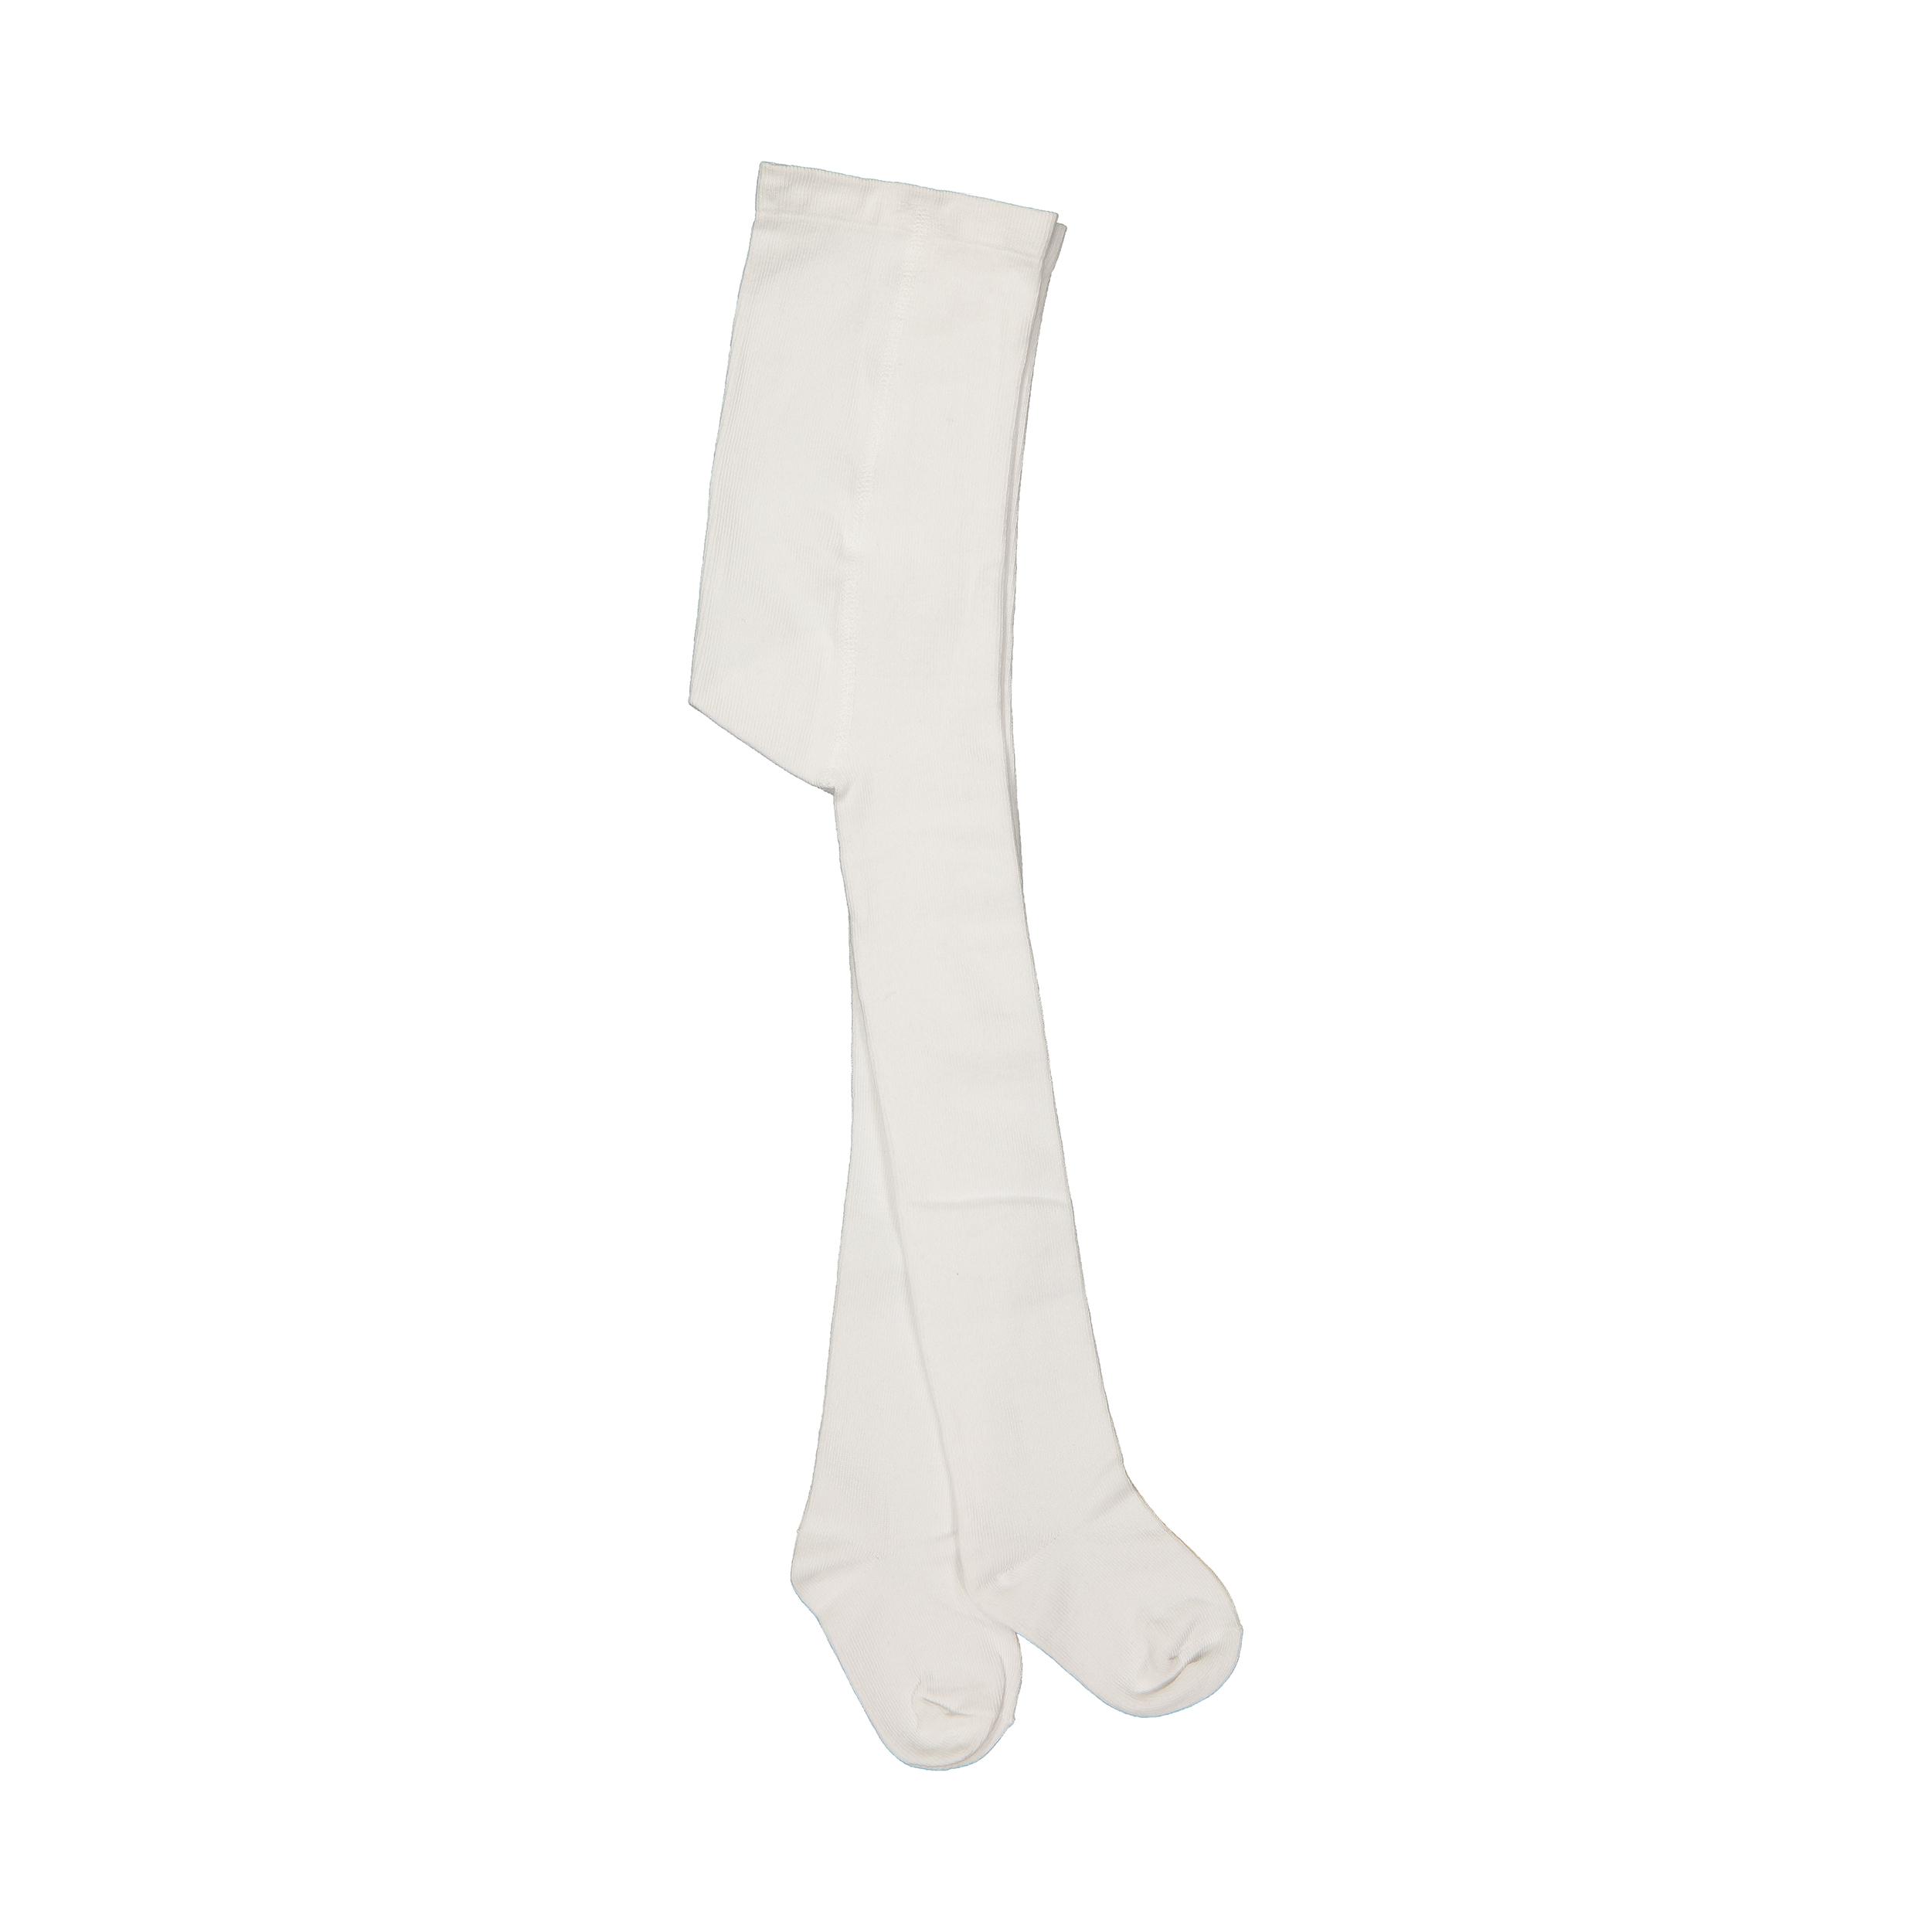 جوراب شلواری دخترانه آی چیلک مدل 24631067-01